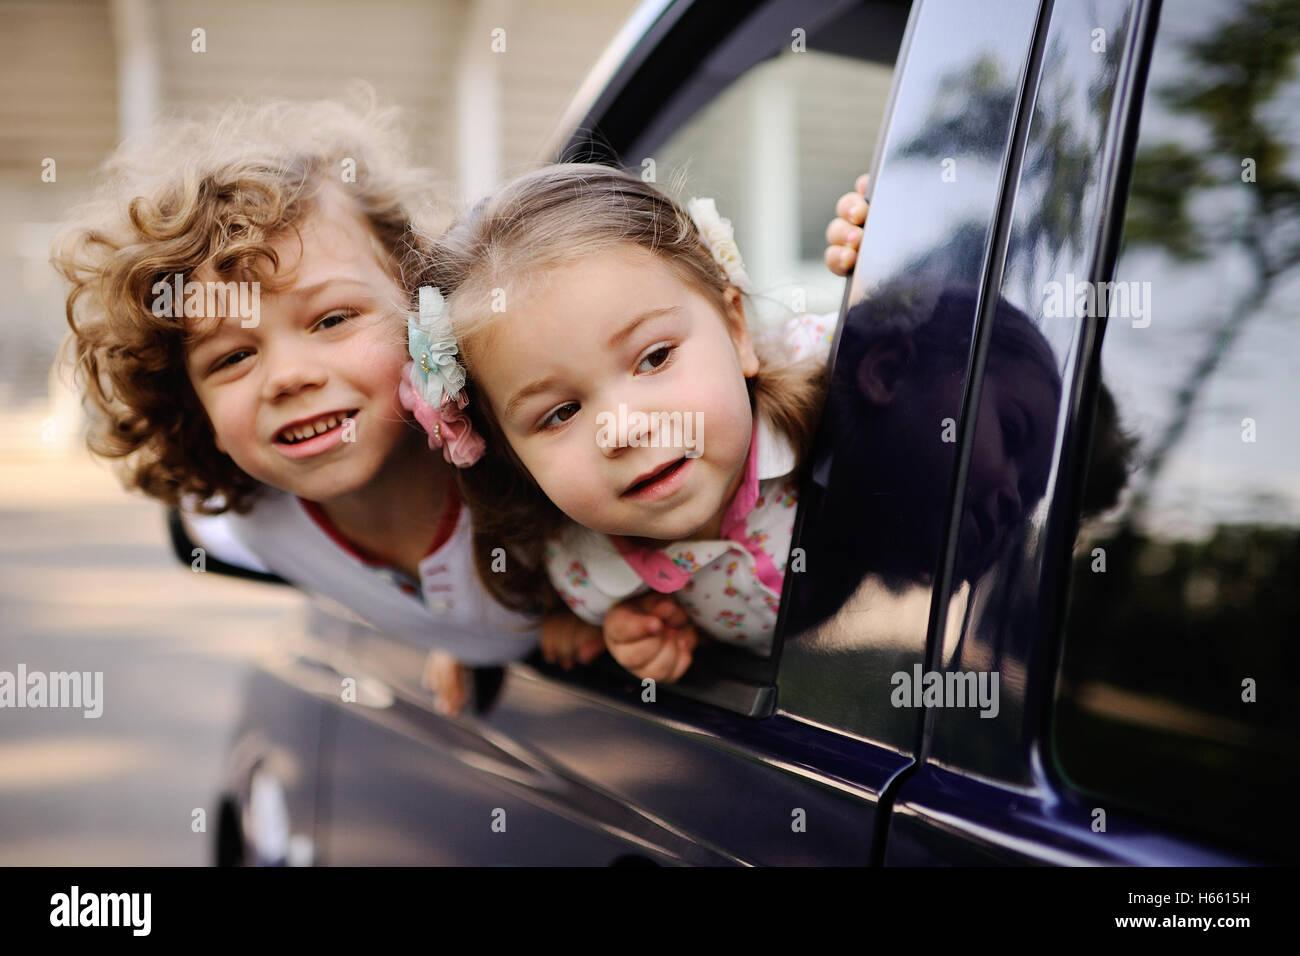 Les enfants donnent de la fenêtre d'une voiture Banque D'Images